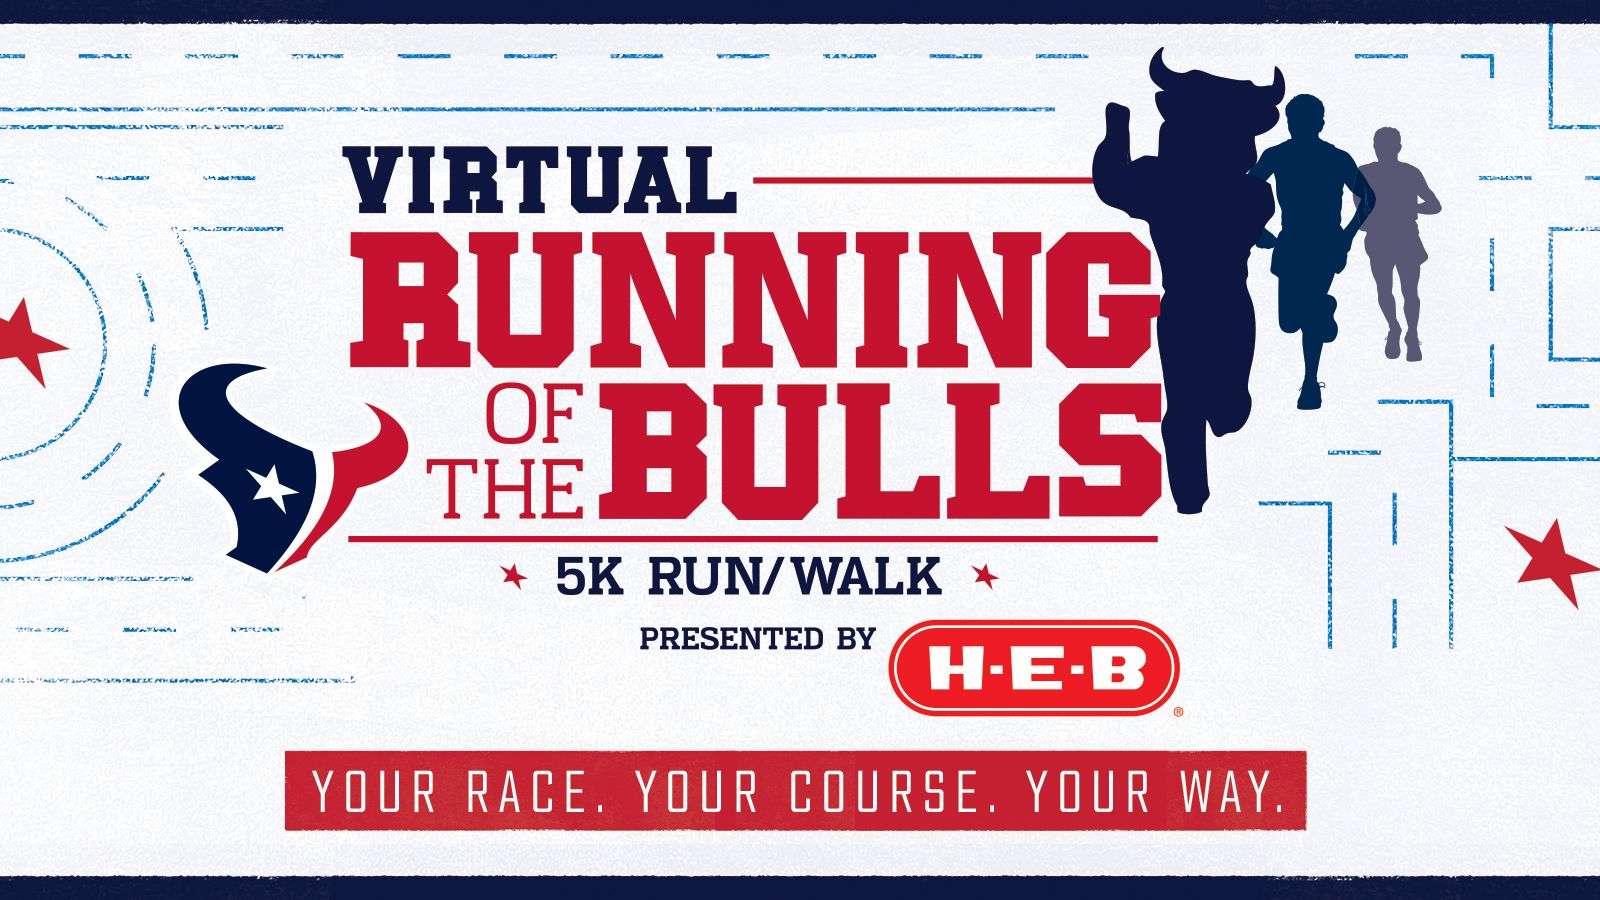 Virtual Running of the Bulls 5K